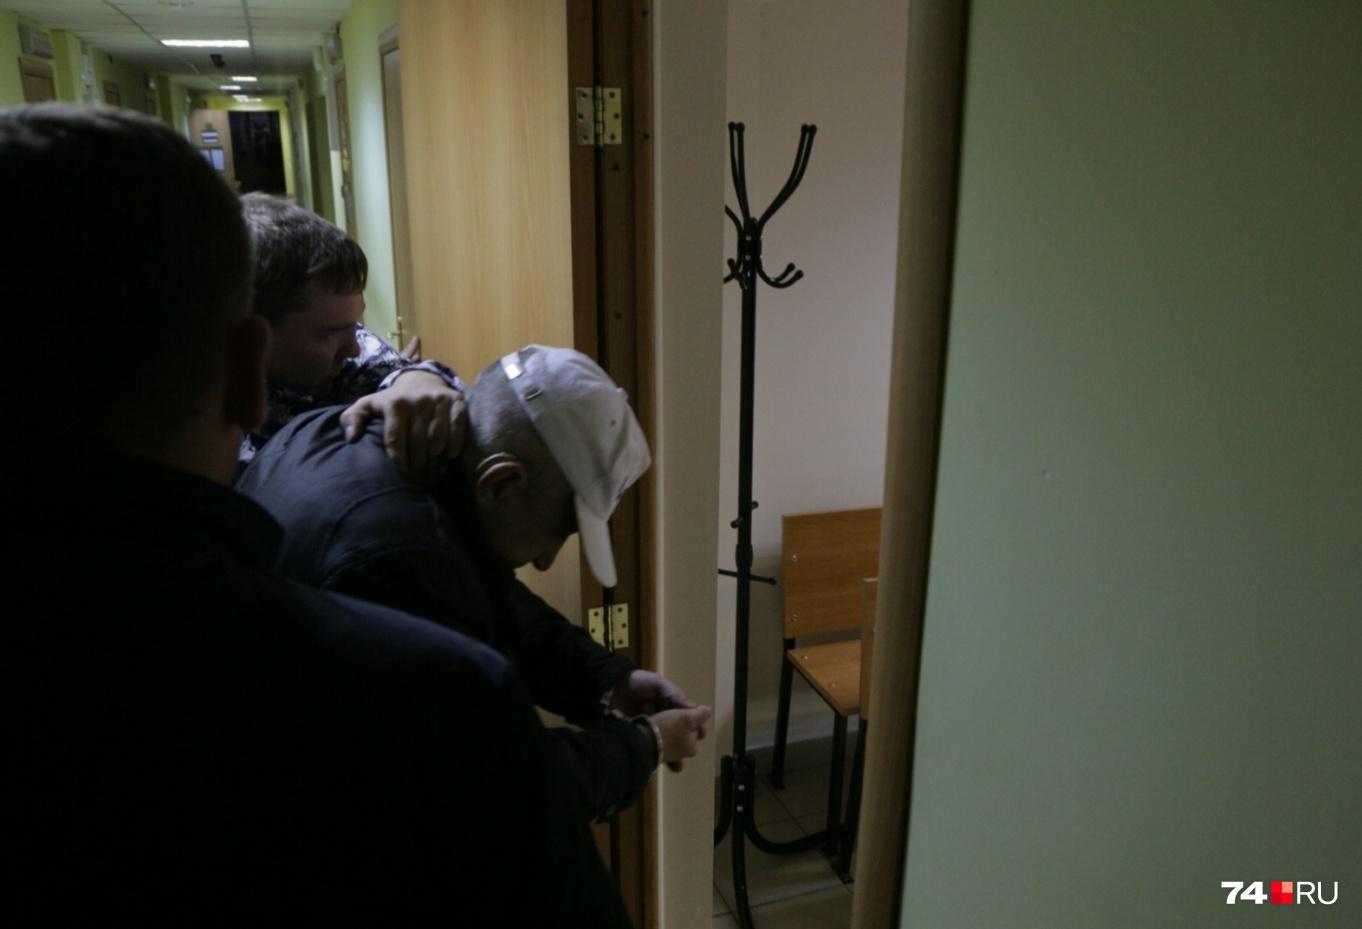 9 октября оперативники доставили в суд первого подозреваемого, но выяснилось, что он непричастен к преступлению